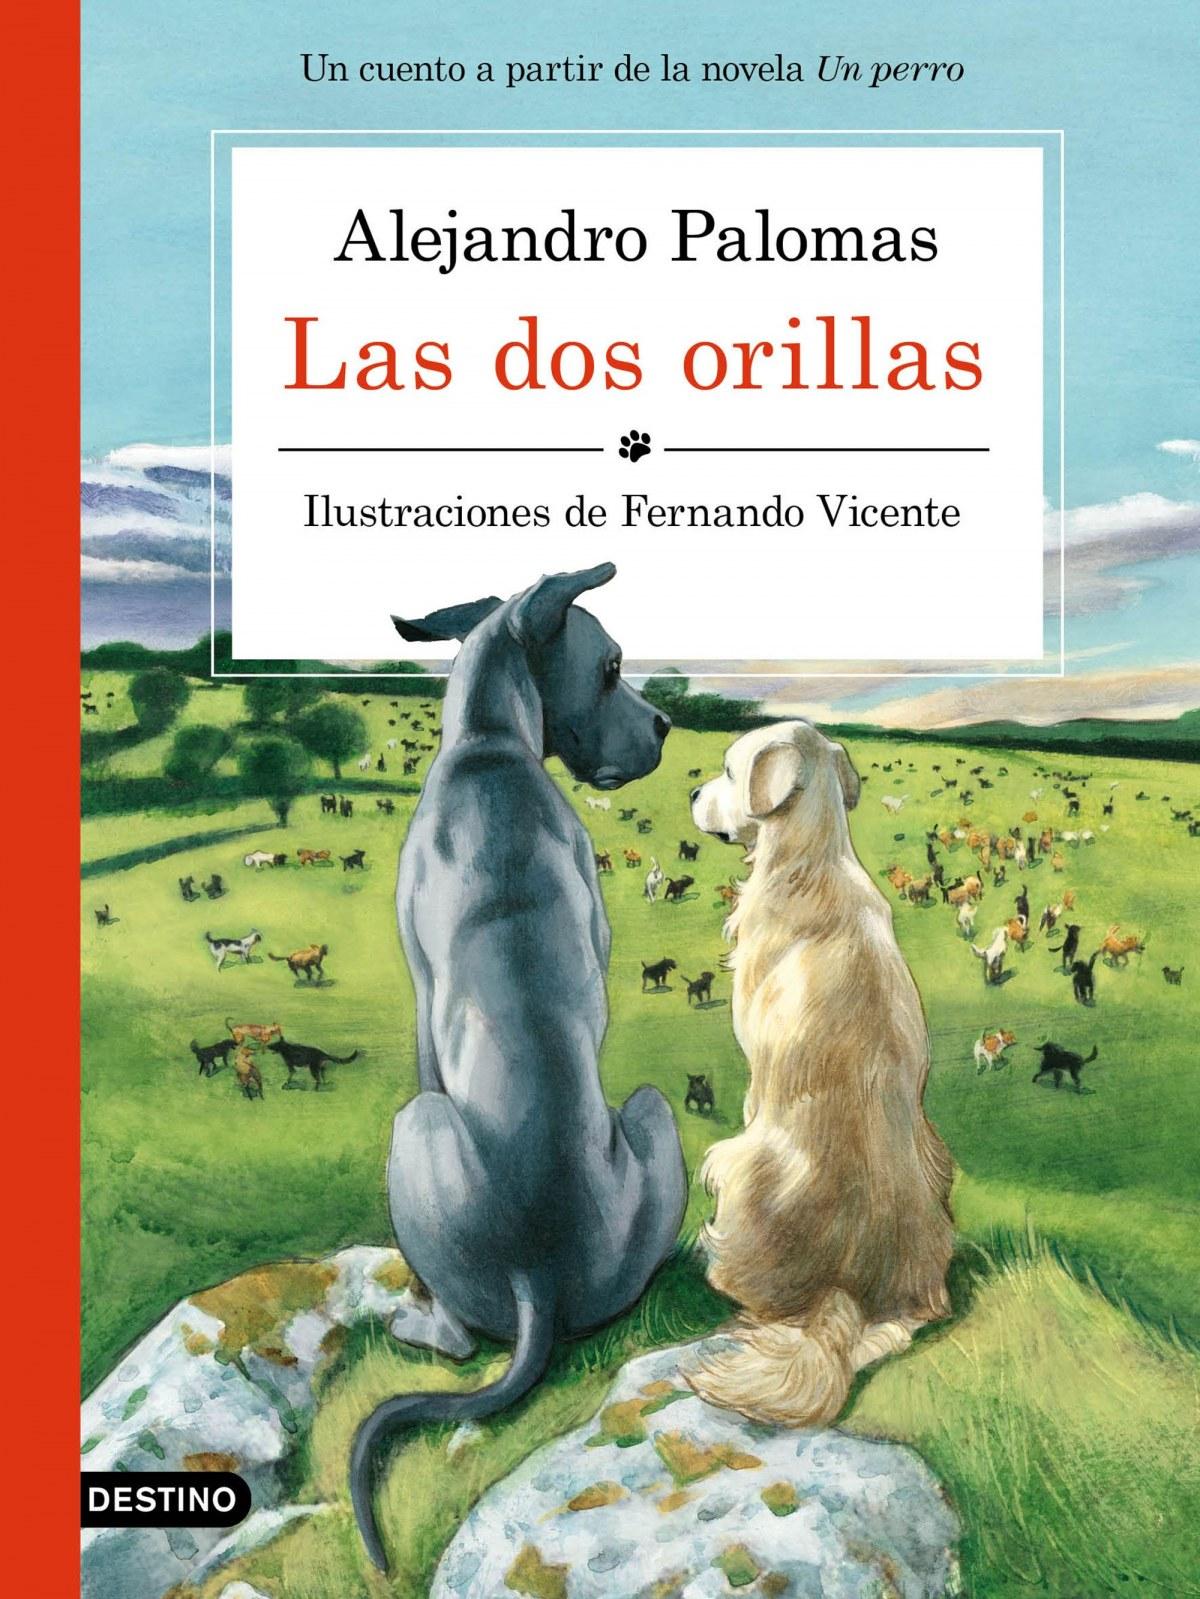 Las dos orillas ilustraciones fernando vicente - Palomas, Alejandro